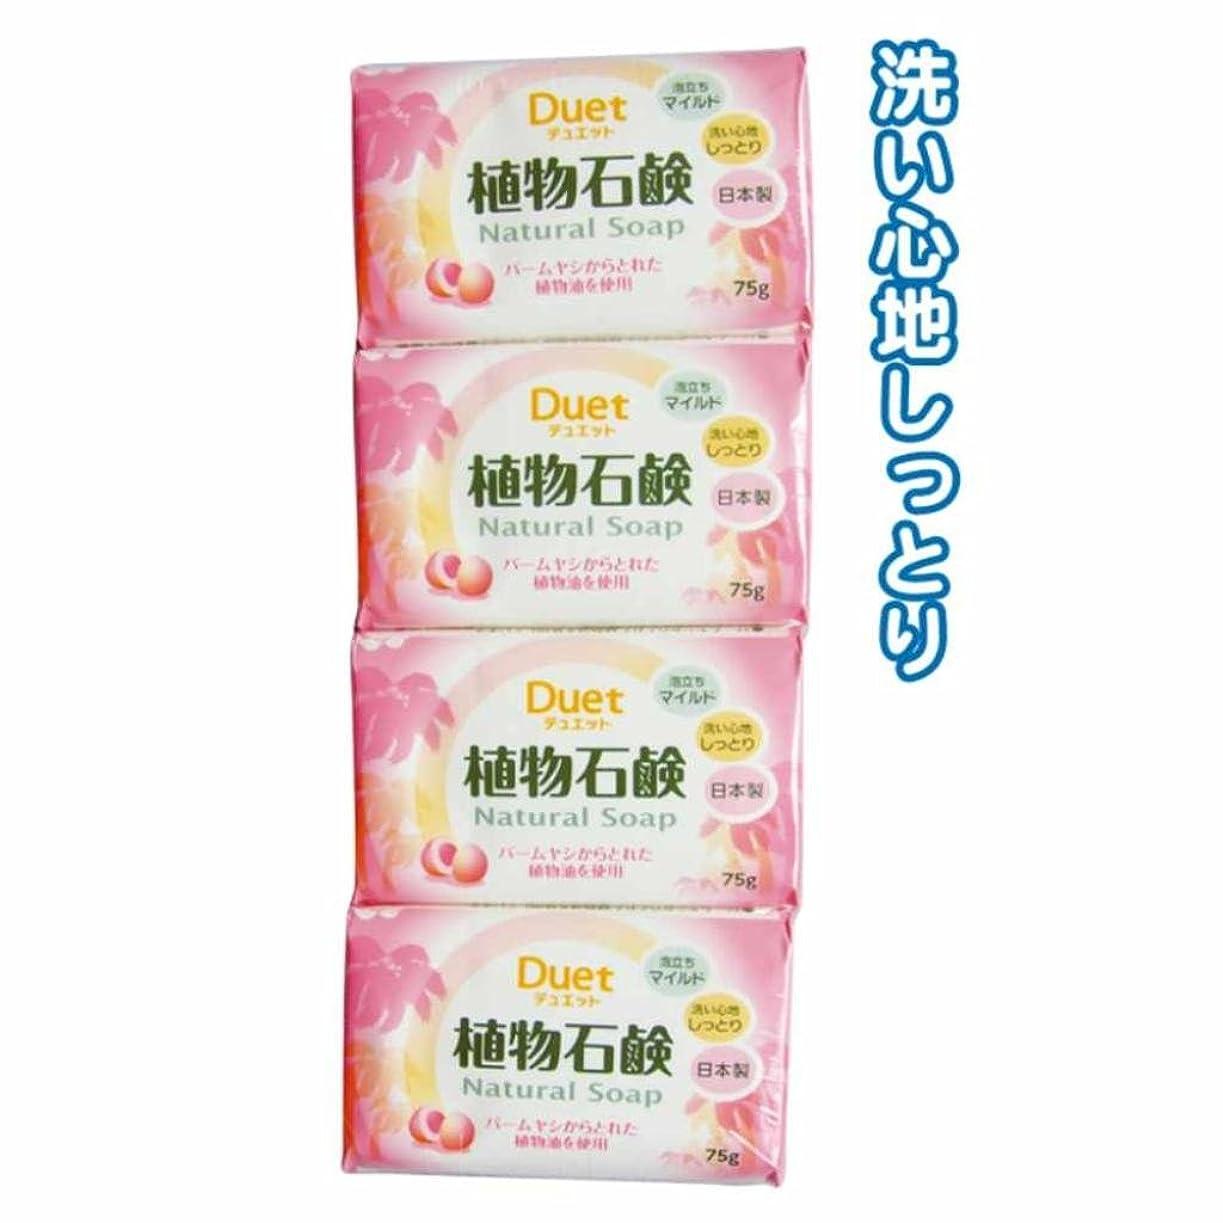 バング原子プロテスタント日本製 Japan デュエット植物石鹸75g 【まとめ買い4個入り×240パック 合計960個セット】 46-202